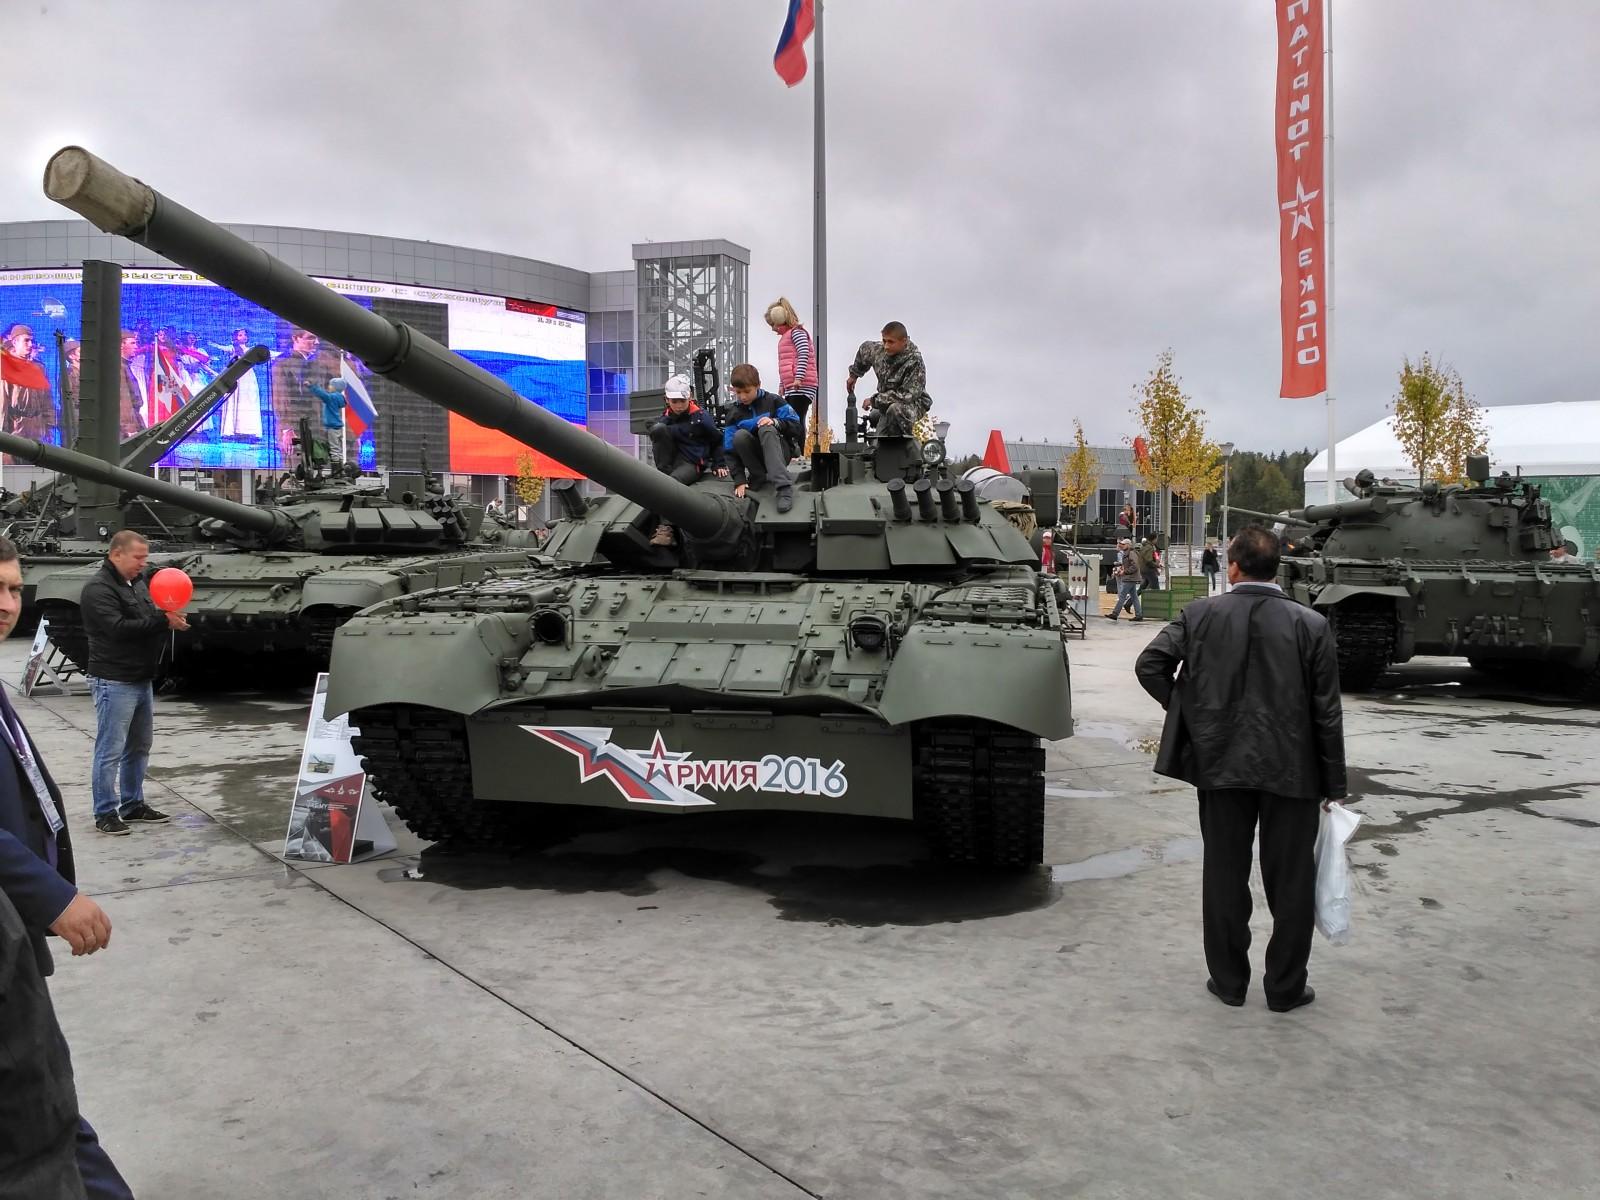 Армия-2016